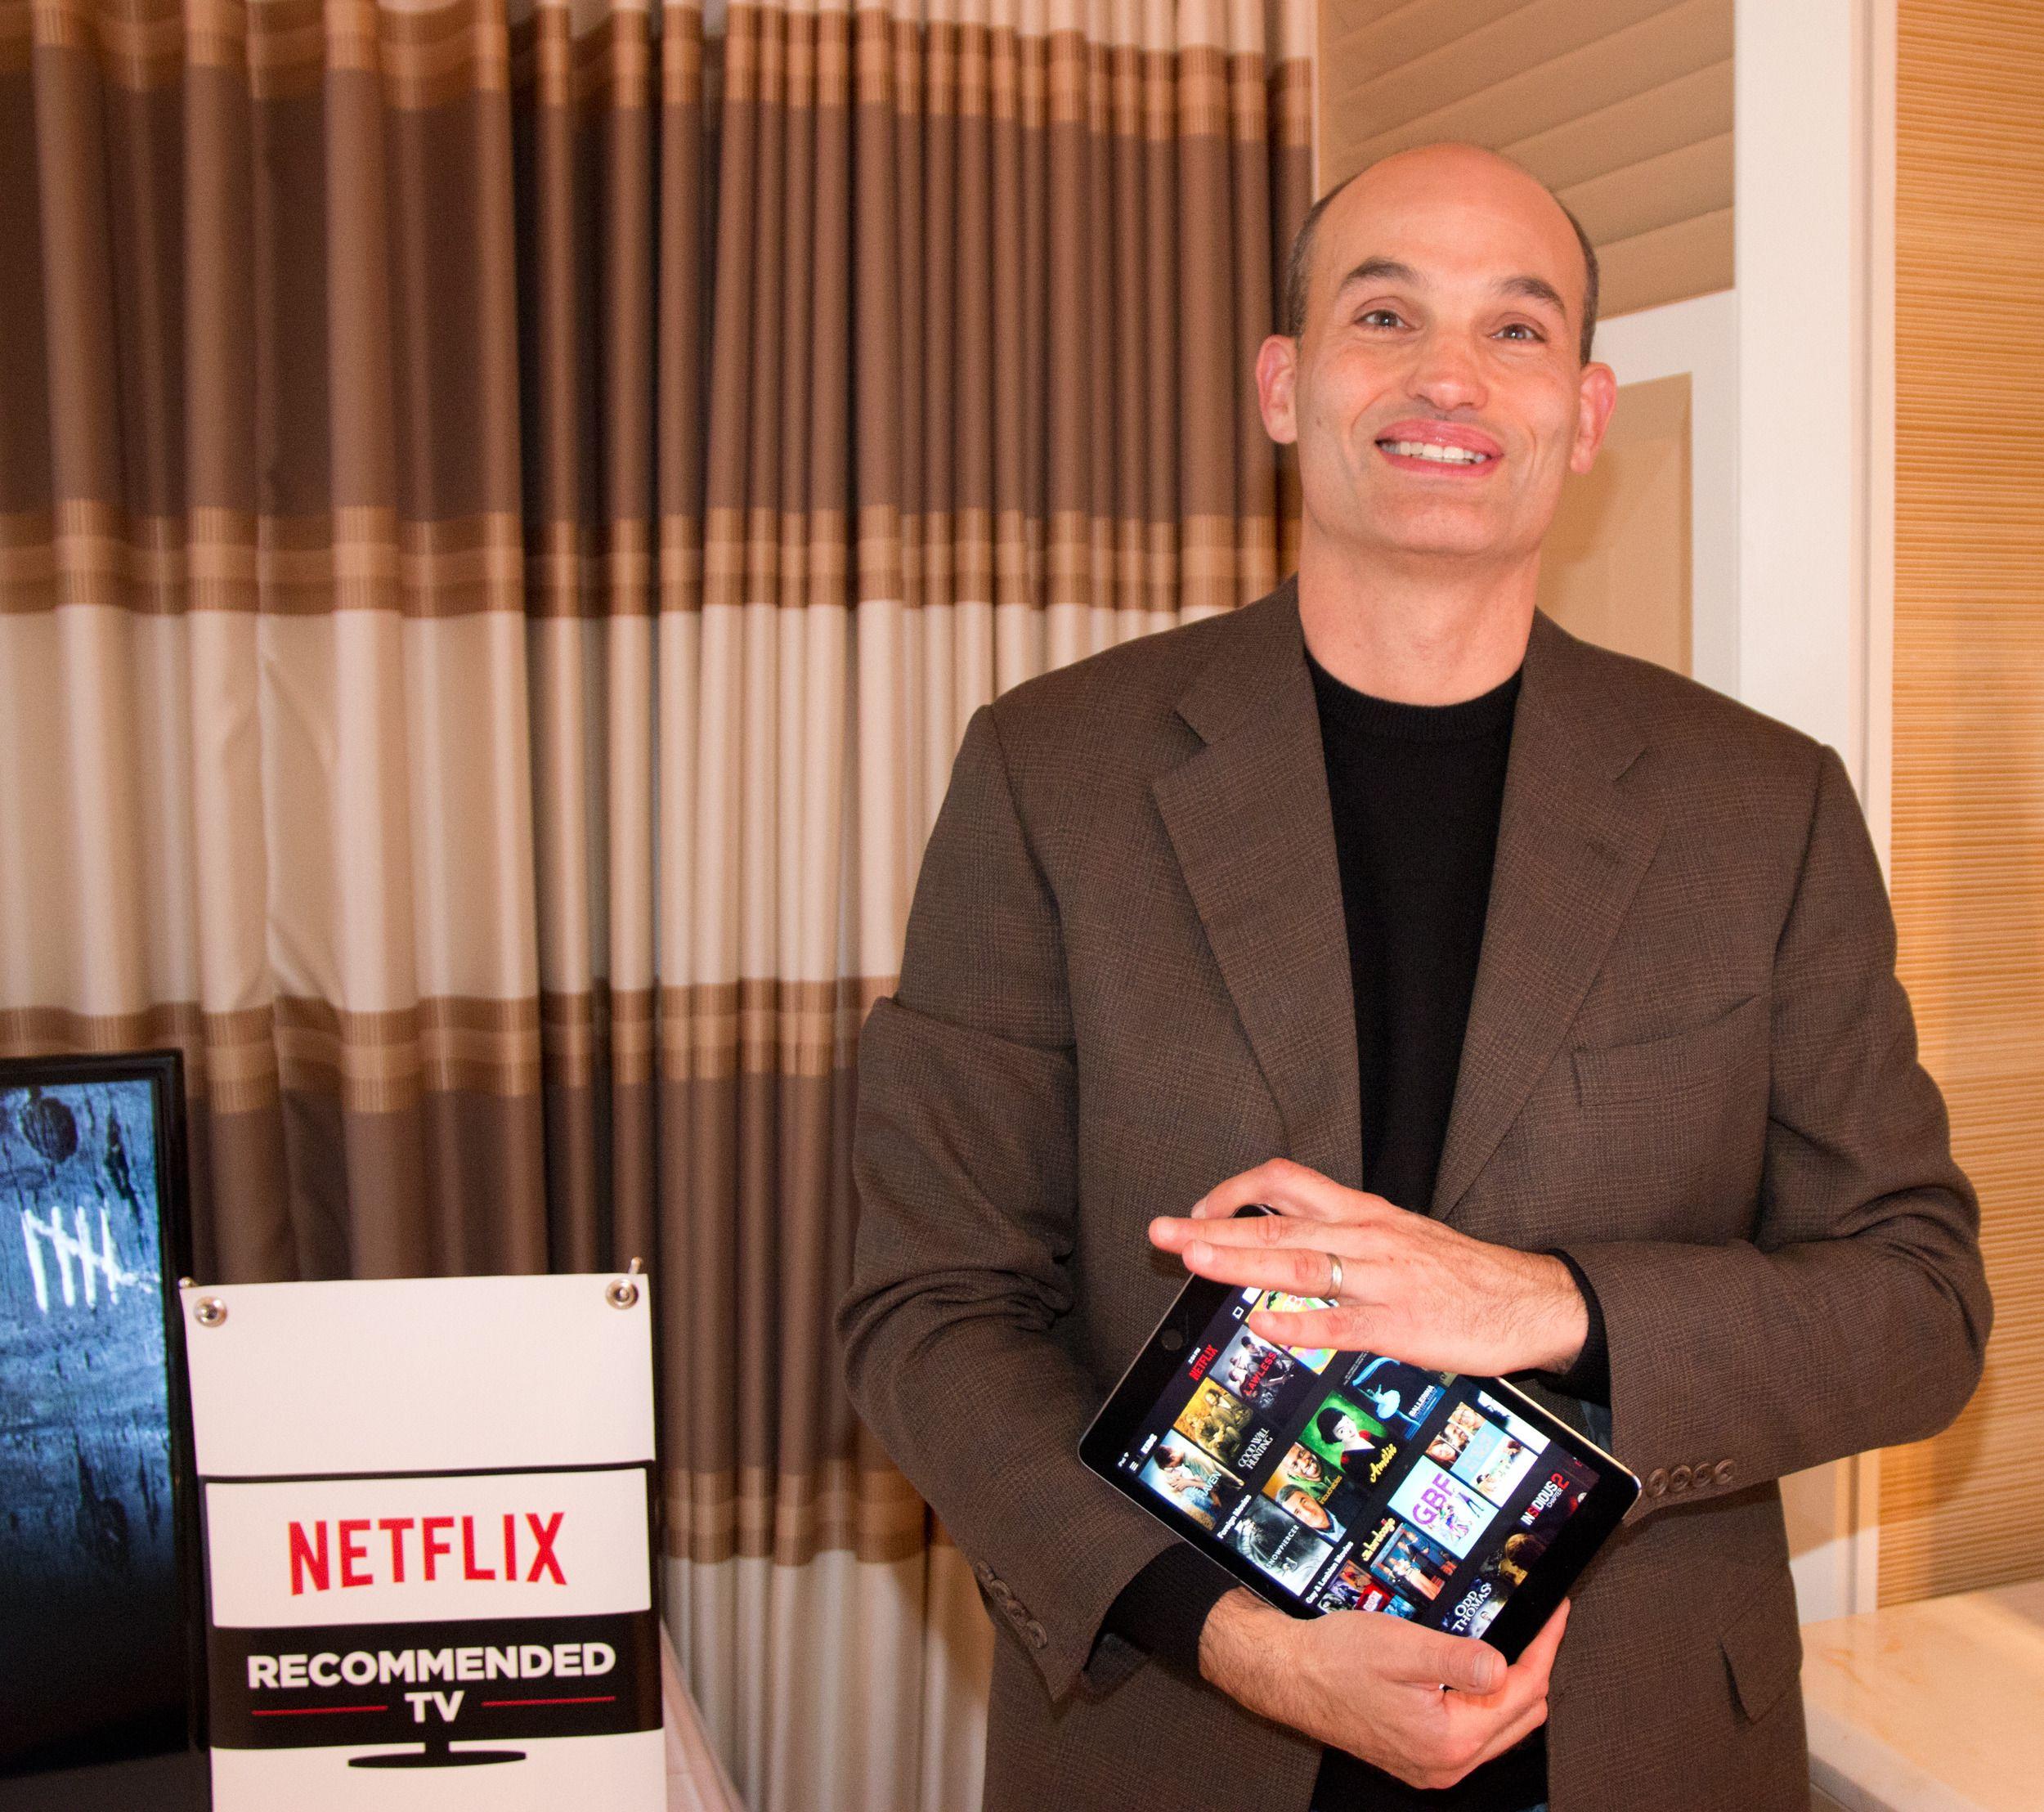 Todd Yellin viser gjerne frem kommende grensesnitt for den populære tjenesten. Foto: Rolf B. Wegner, Tek.no